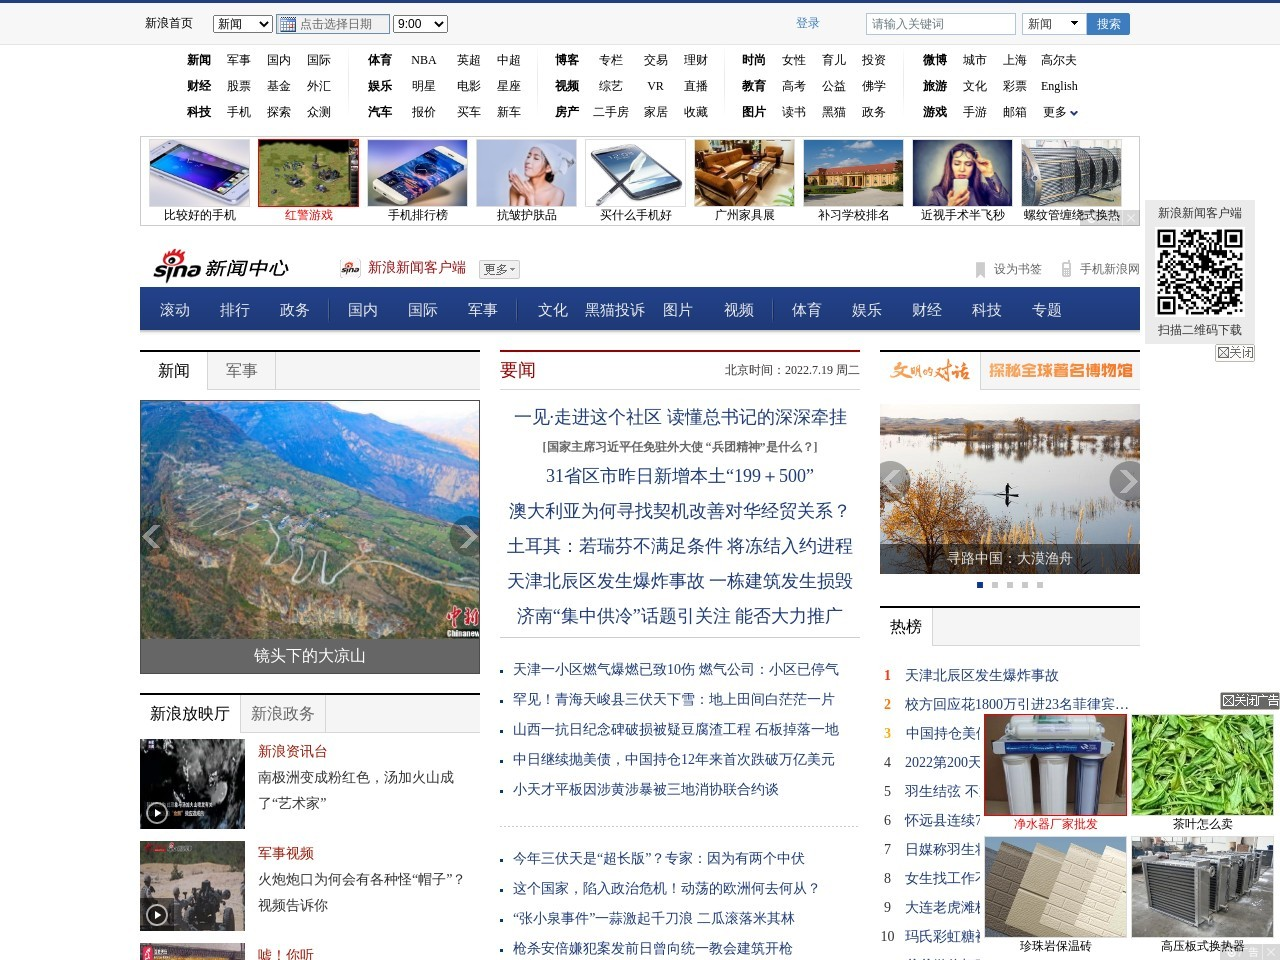 央企总数降至96家:中化集团与中国化工实施联合重组_新浪新闻